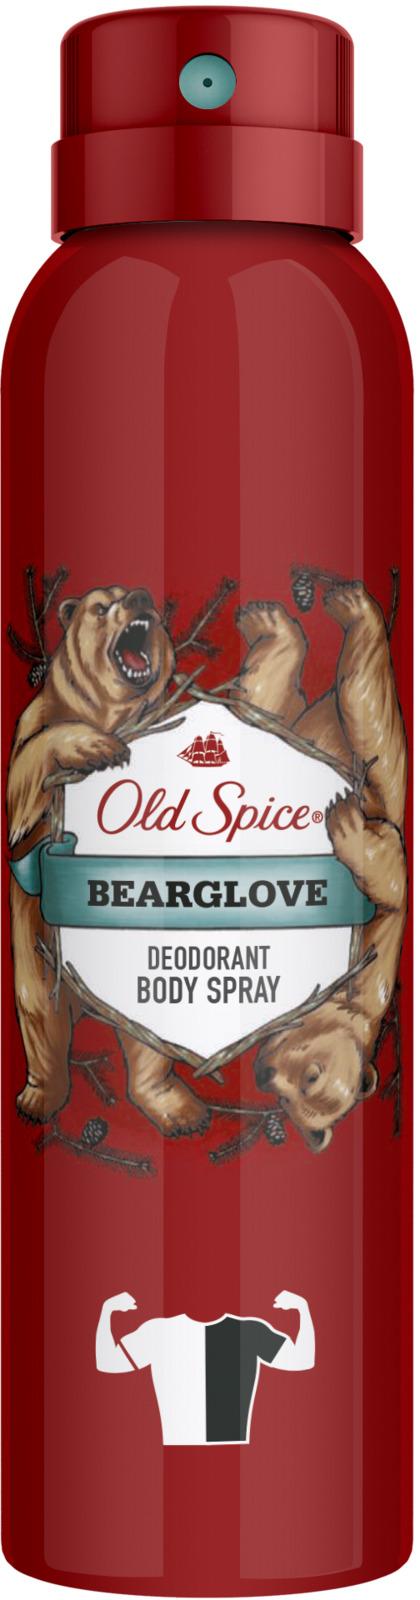 Дезодорант аэрозольный Old Spice Bearglove, 150 мл